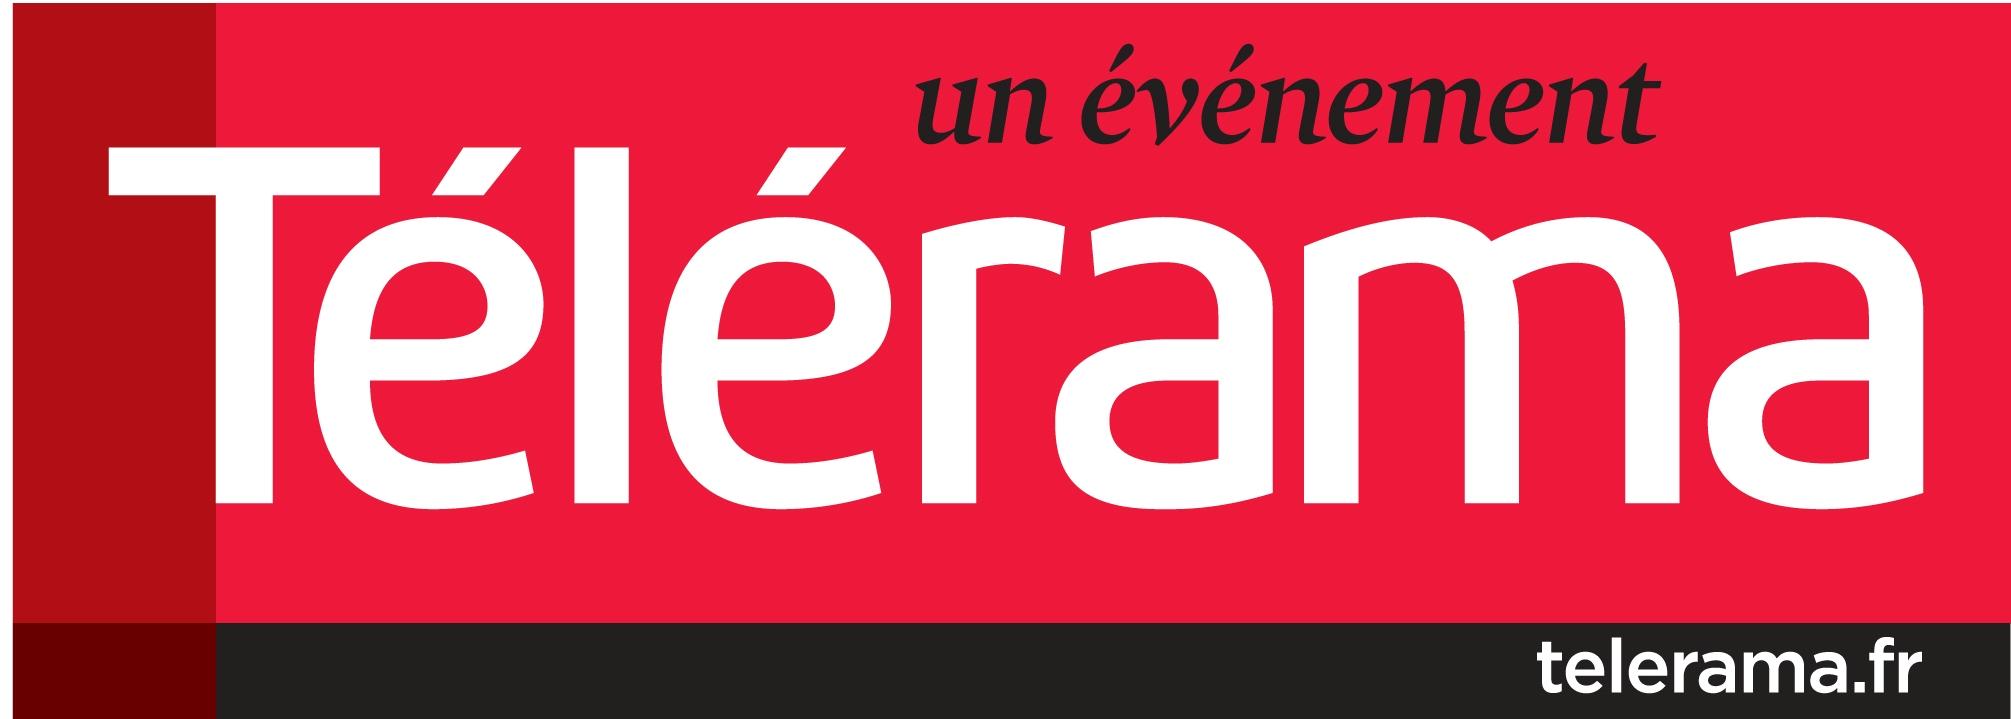 logo-telerama-2